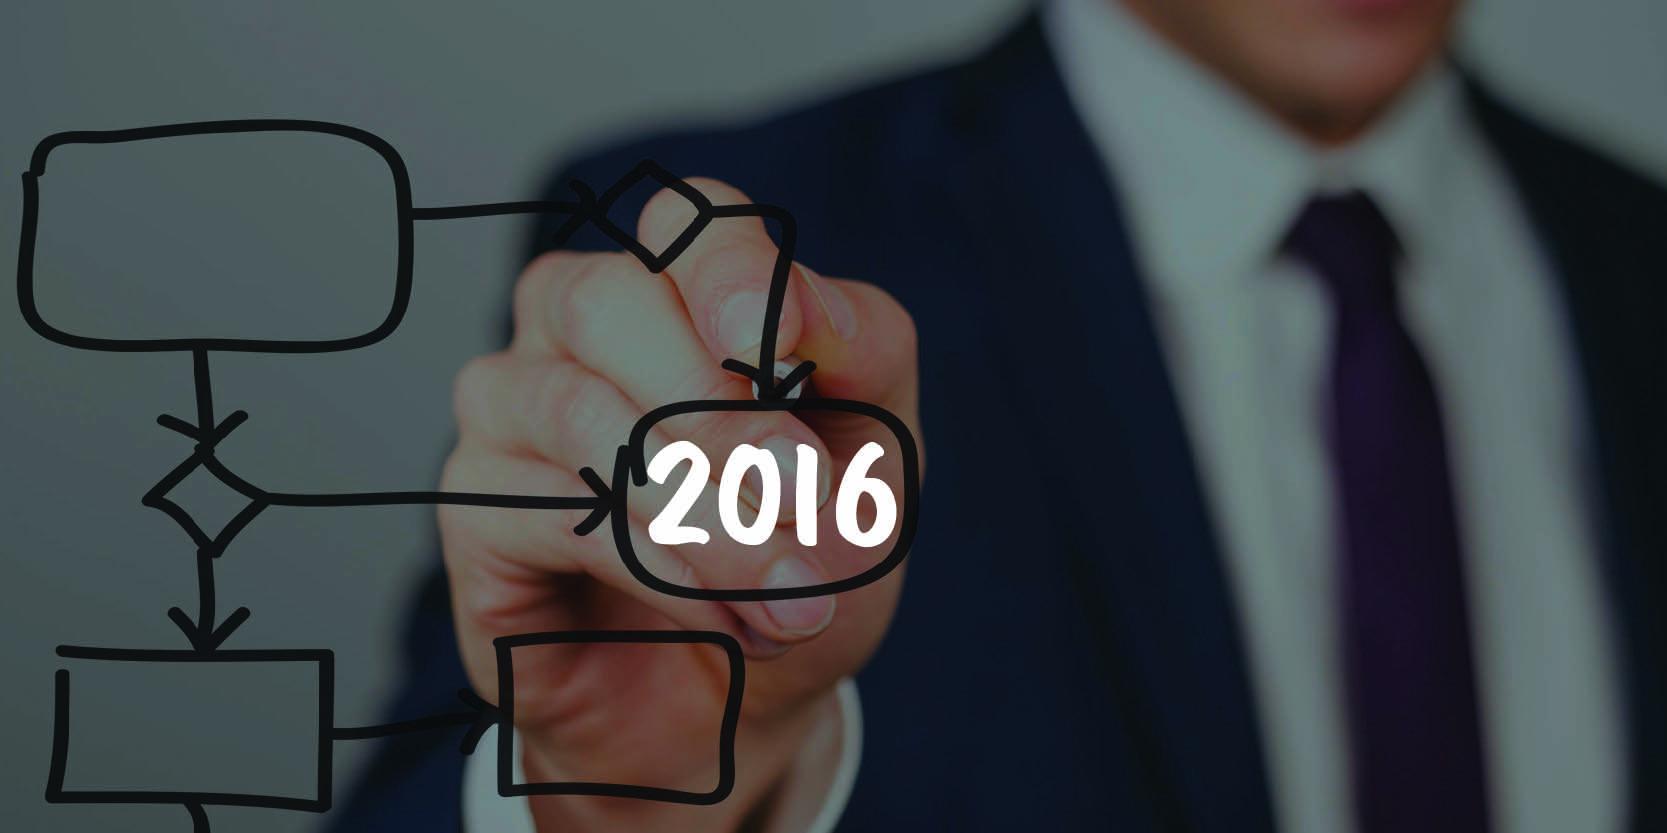 Interaction Room 2016 – Das Jahr im Rückblick